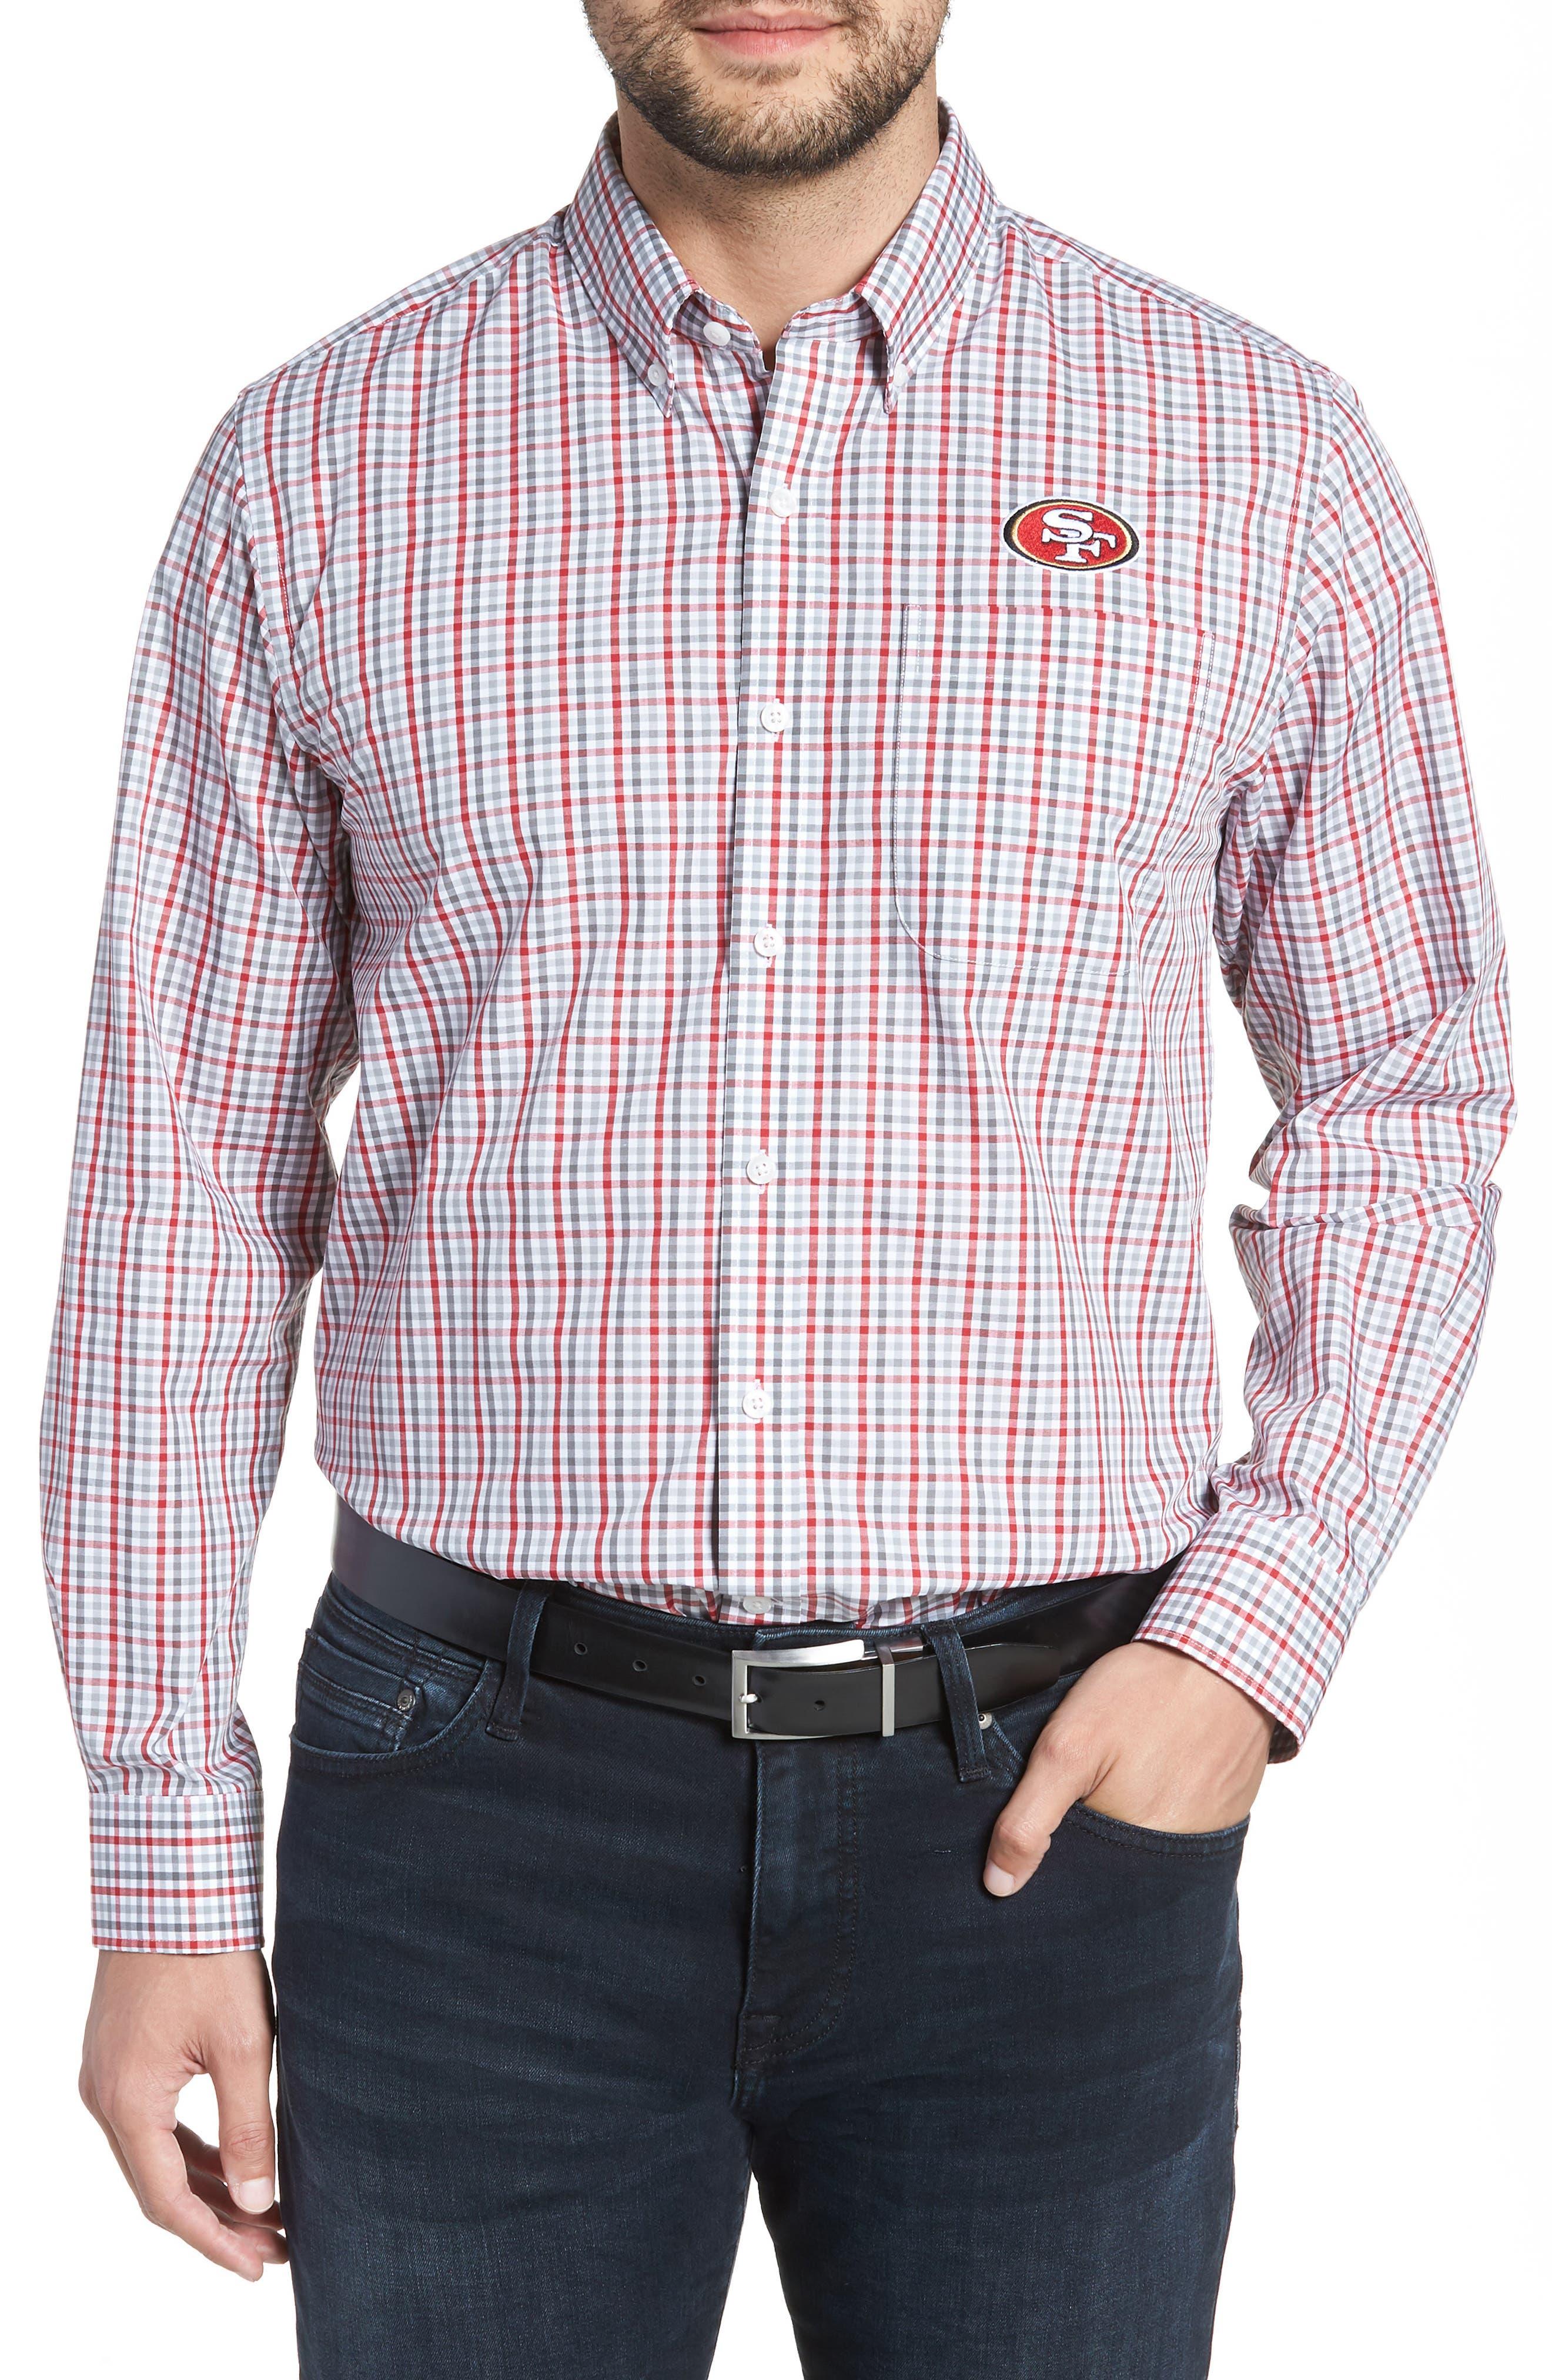 San Francisco 49ers - Gilman Regular Fit Plaid Sport Shirt,                         Main,                         color, CARDINAL RED